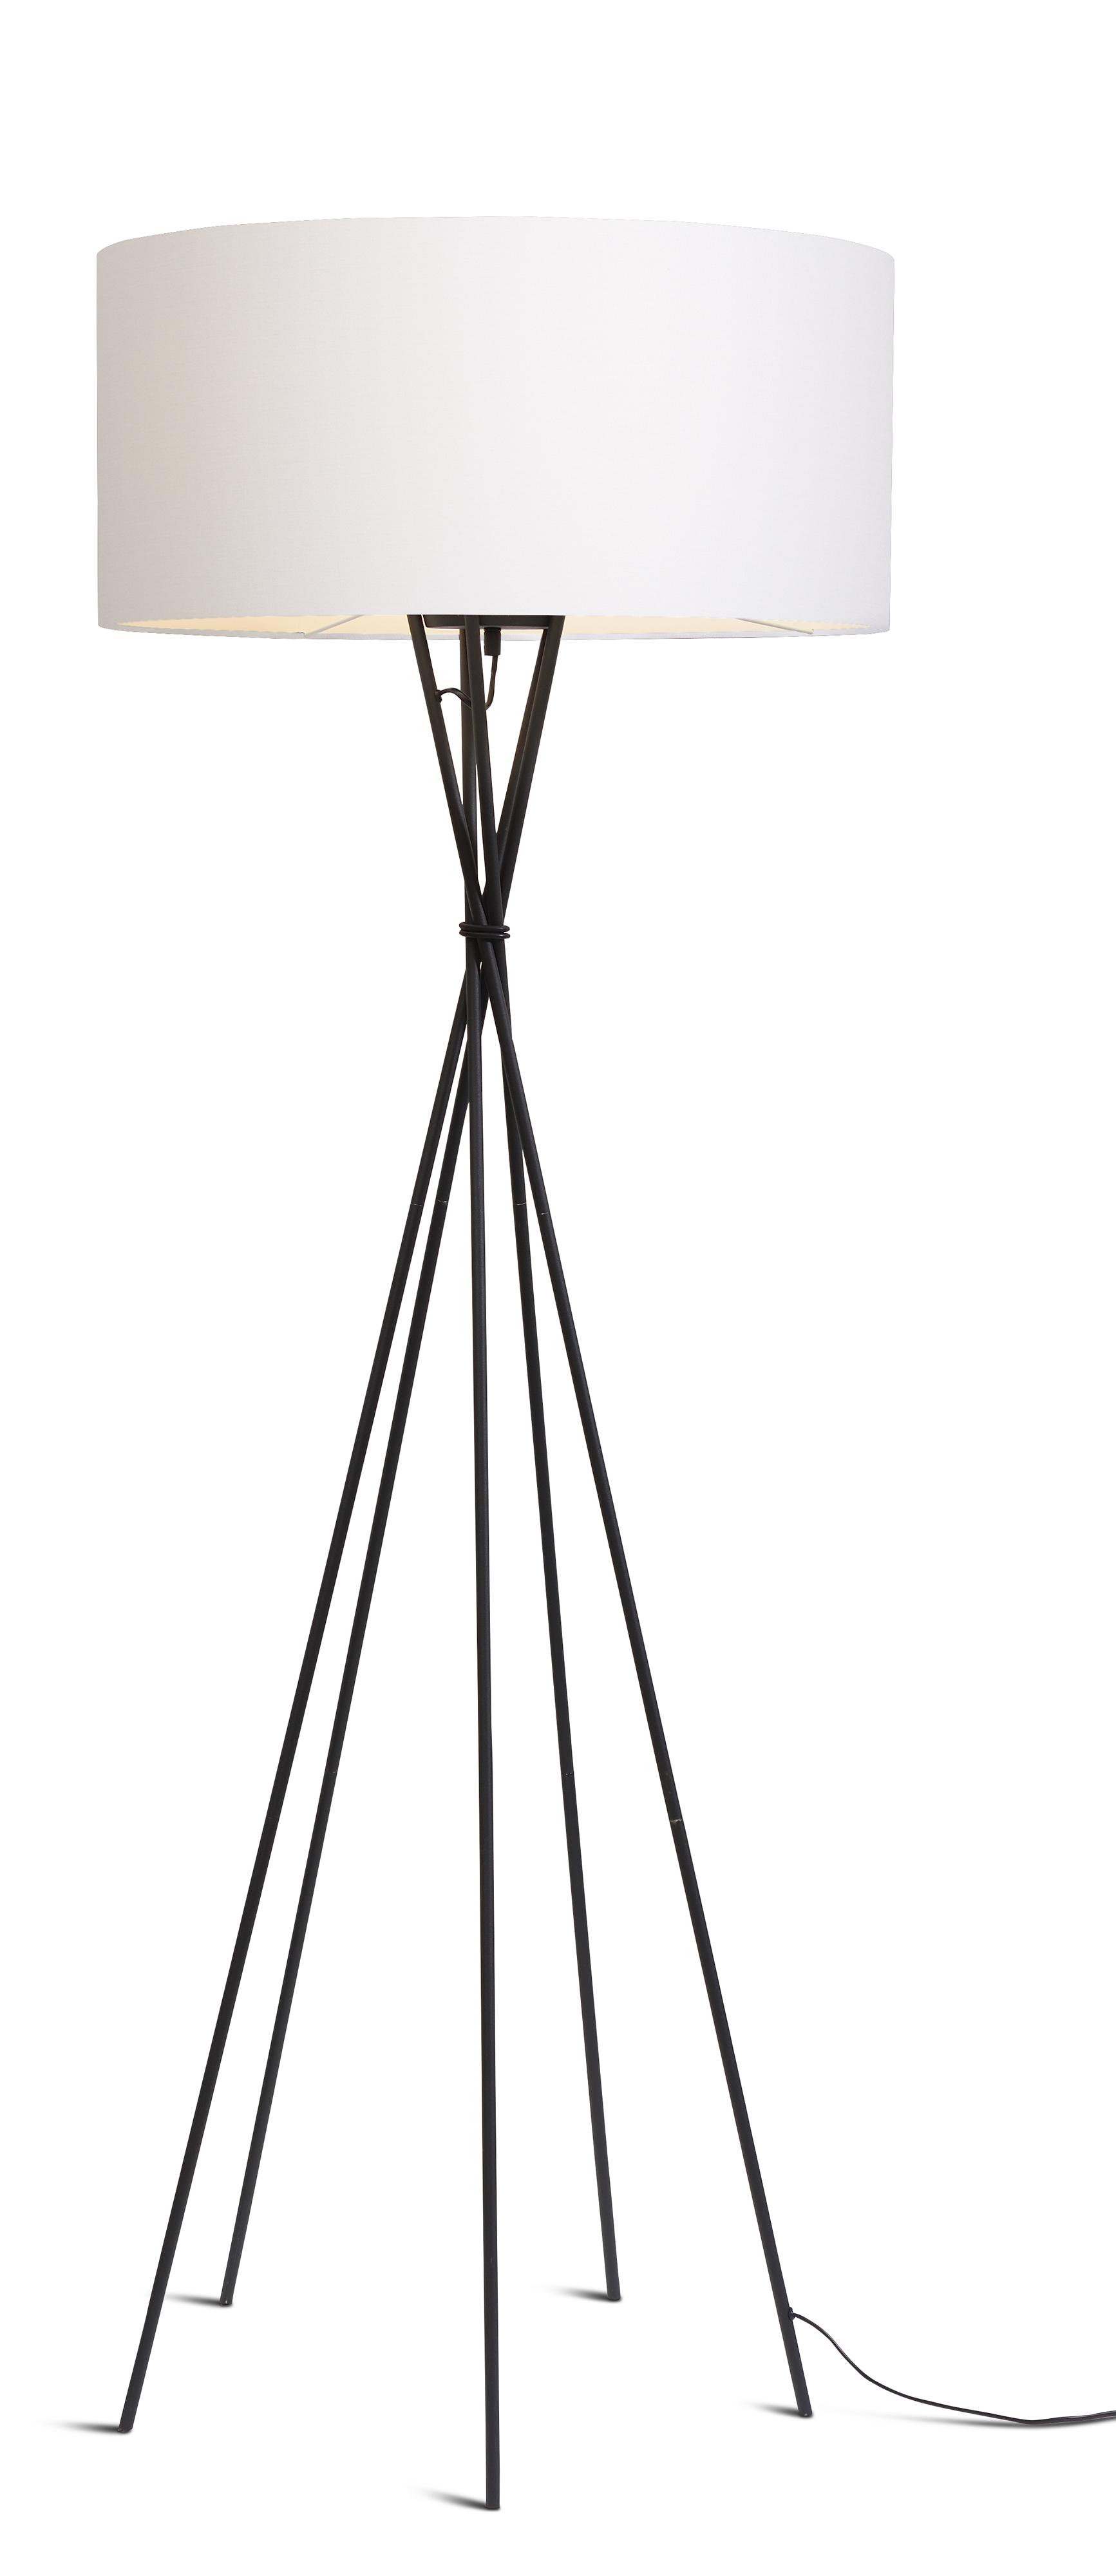 Lampadaire avec pieds noirs et abat-jour blanc H175cm